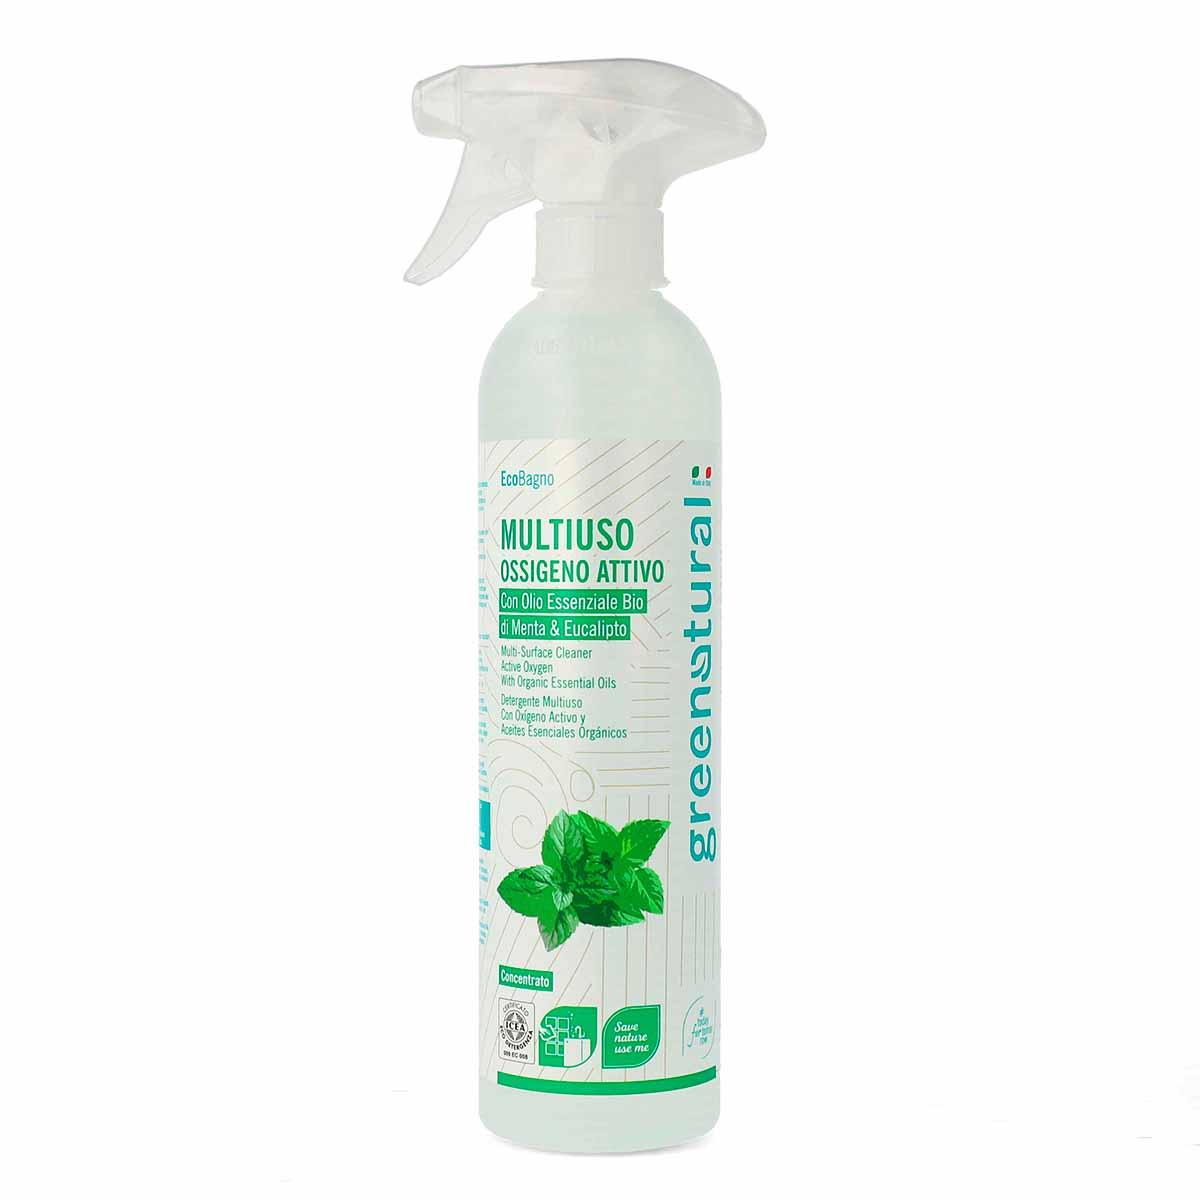 Greenatural – Detersivo Multiuso Ossigeno Attivo Menta e Eucalipto